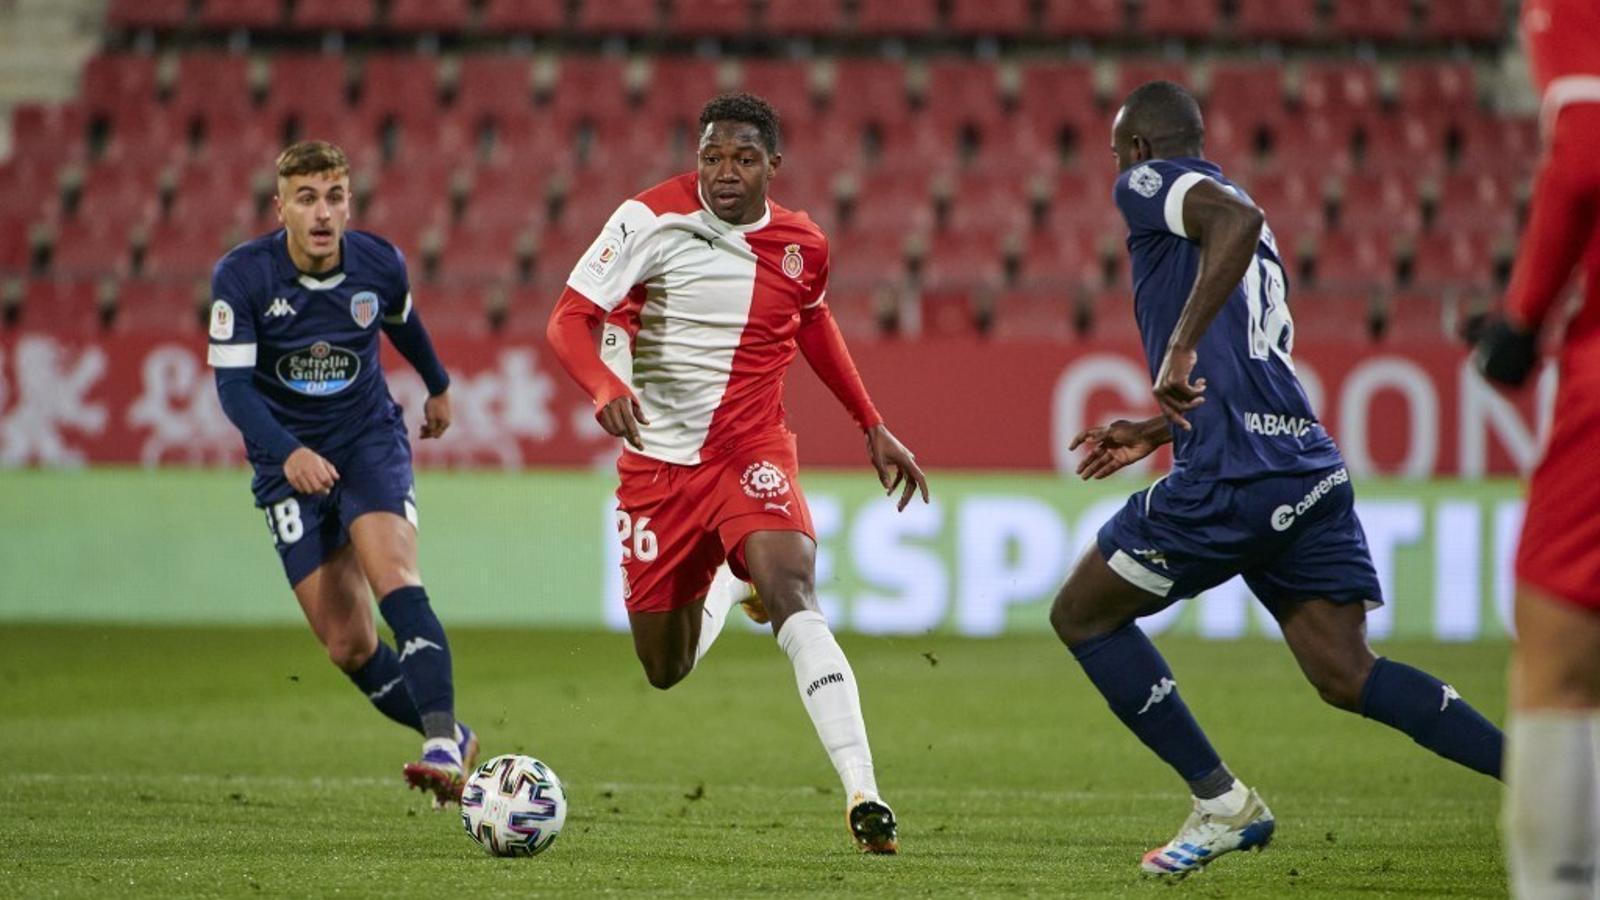 Ibrahima Kebe, jugador del Girona